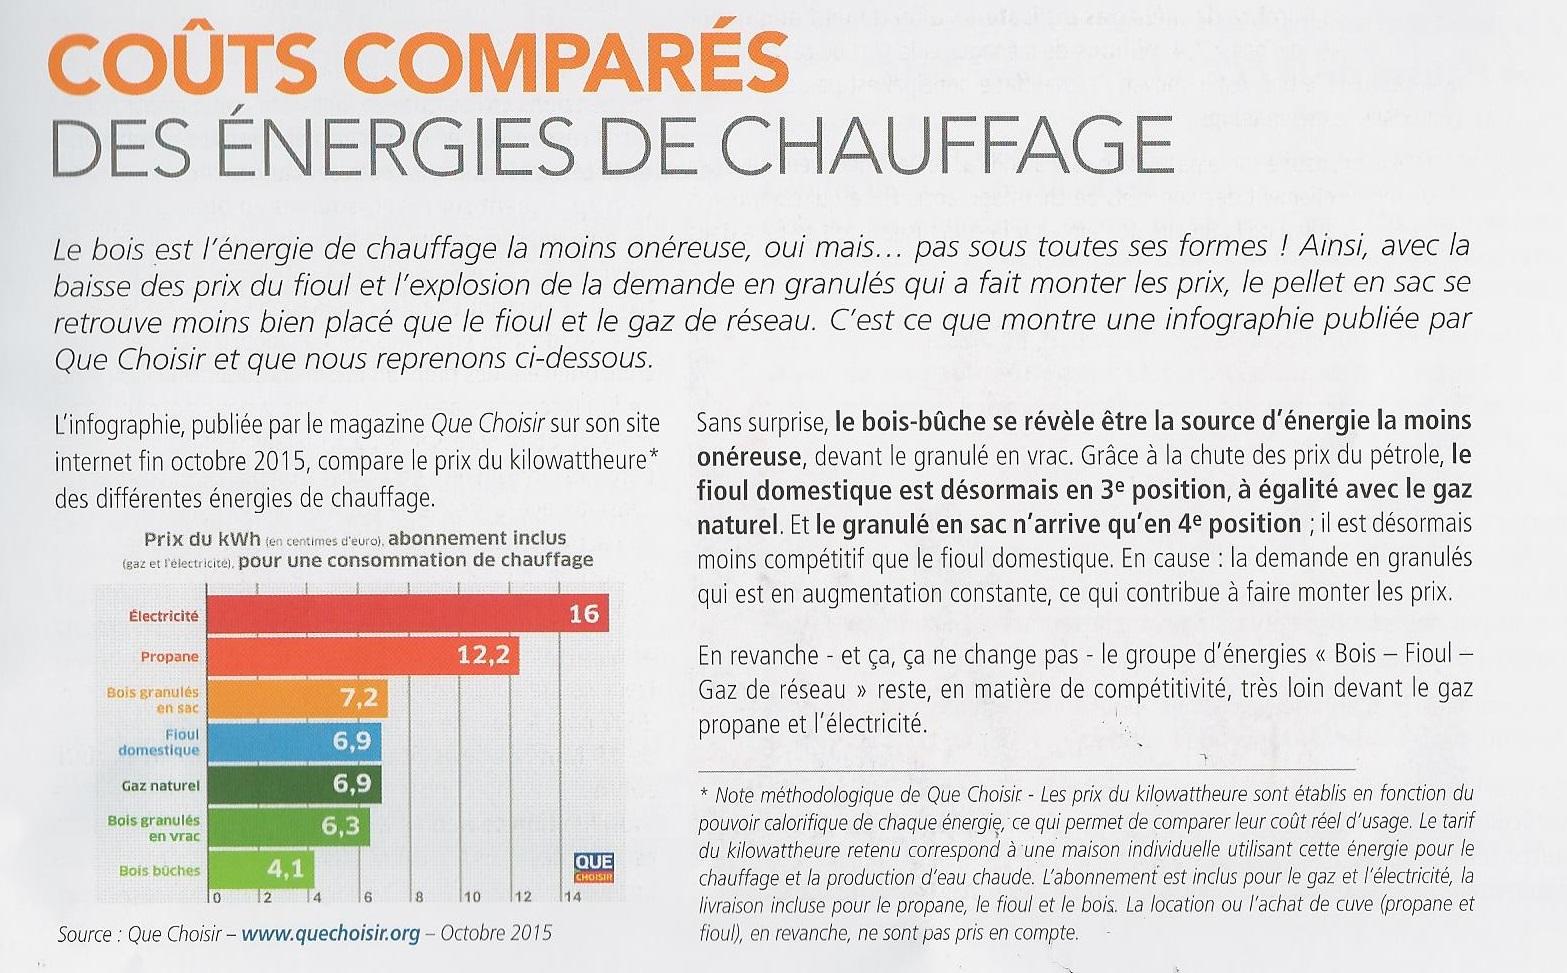 Couts comparés des énergies de chauffage